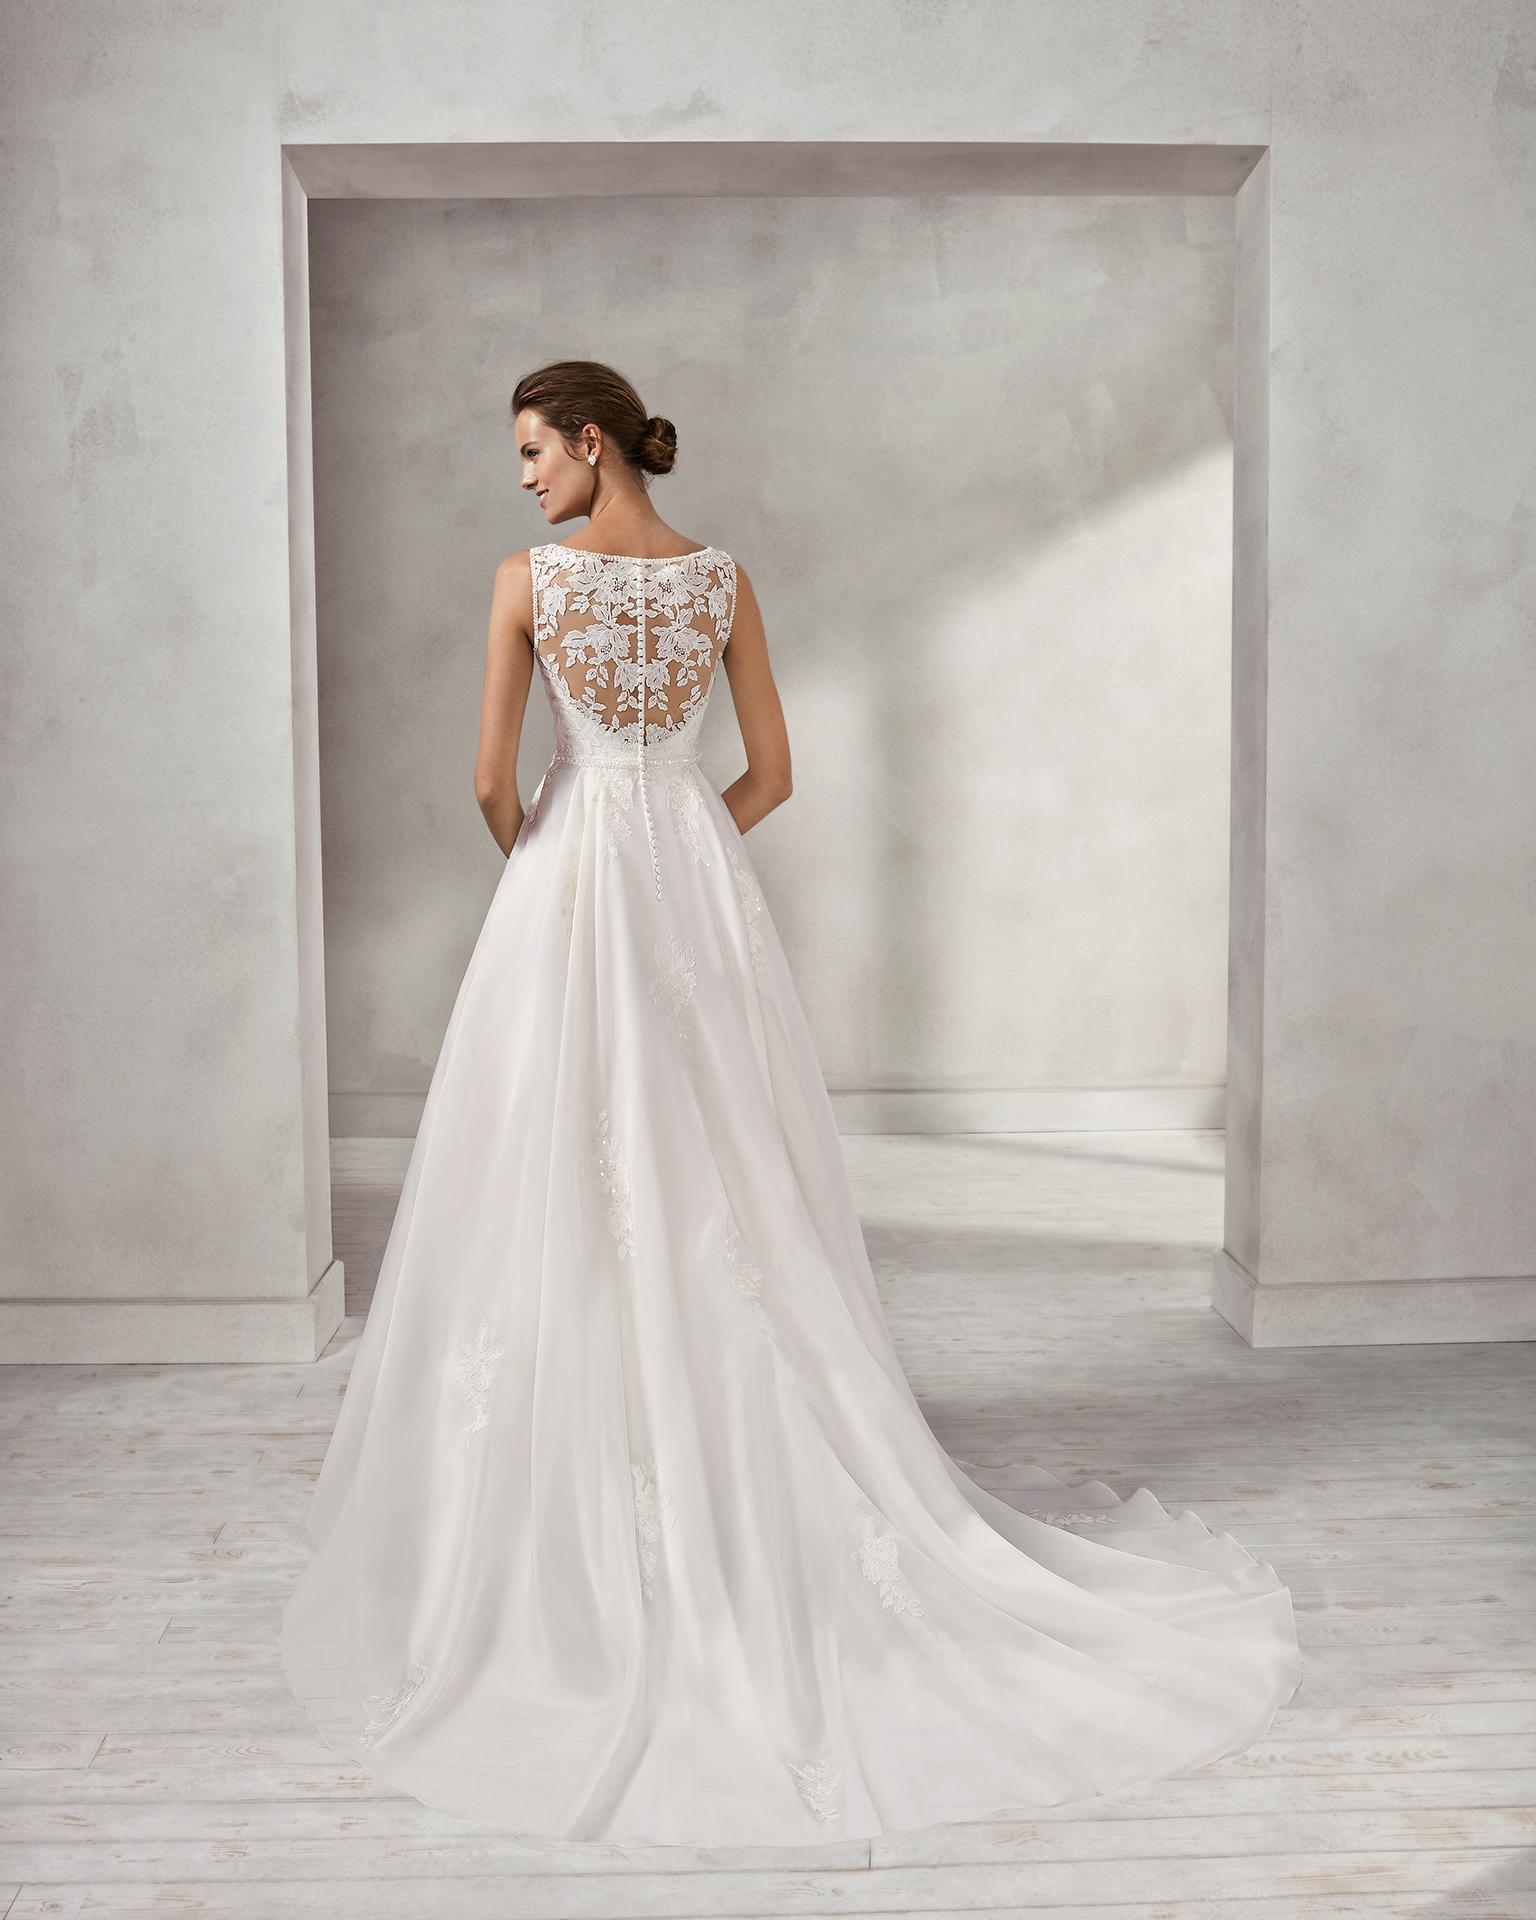 Vestido de novia estilo princesa en organza, encaje y pedreria, con escote ilusión con espalda de encaje y pedreria.